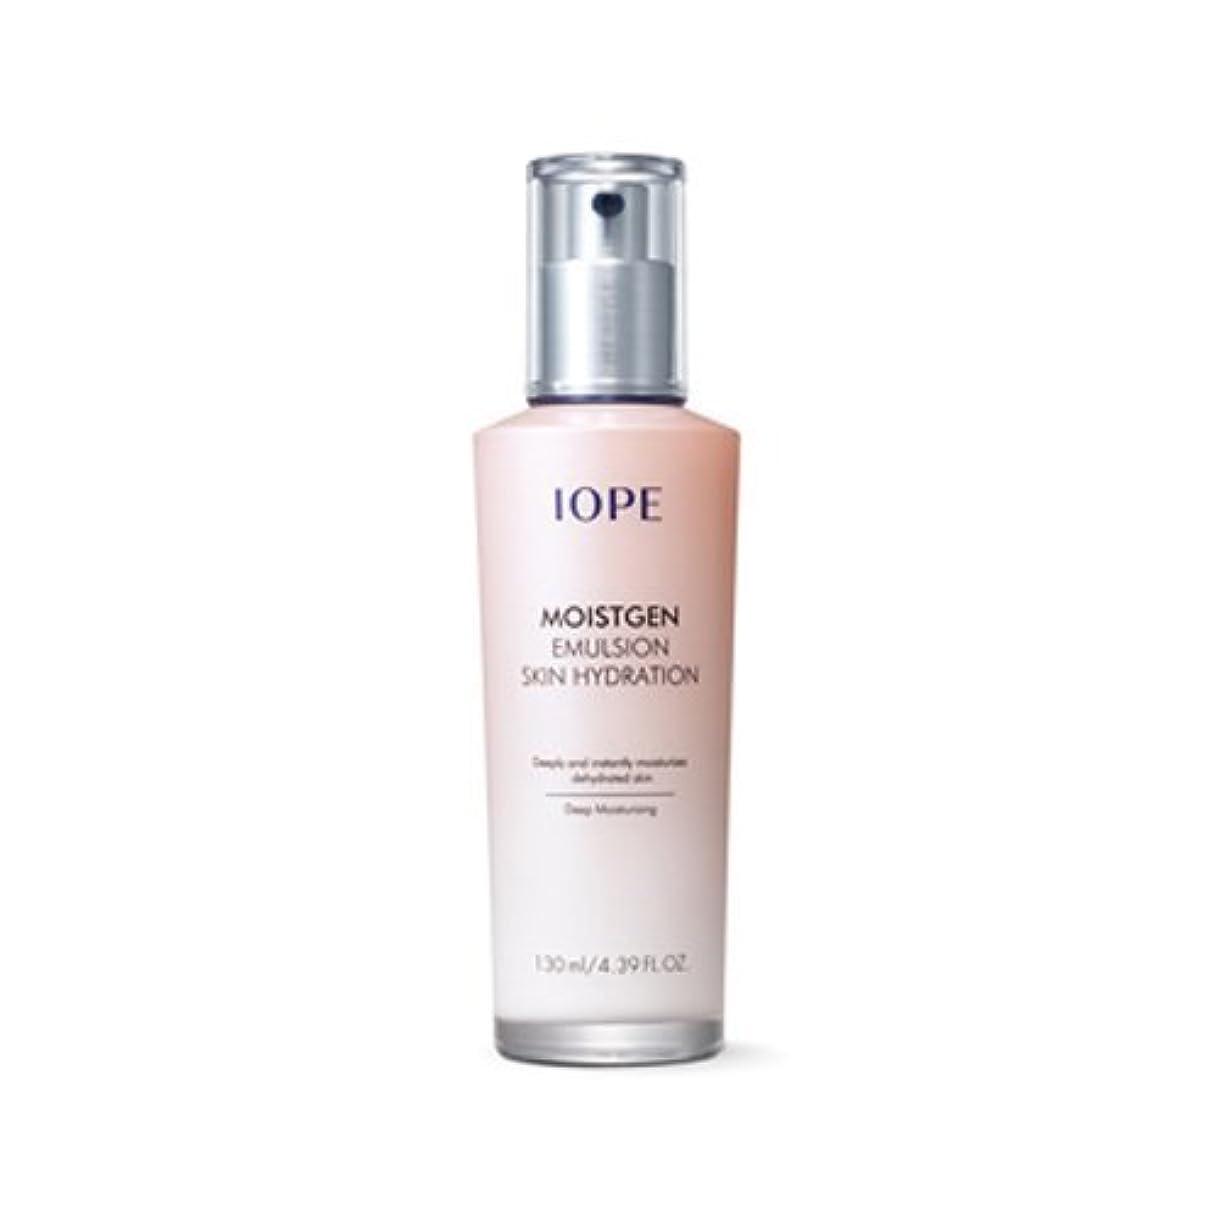 恐怖薄いです戸口IOPE Moistgen Emulsion Skin Hydration_130ml